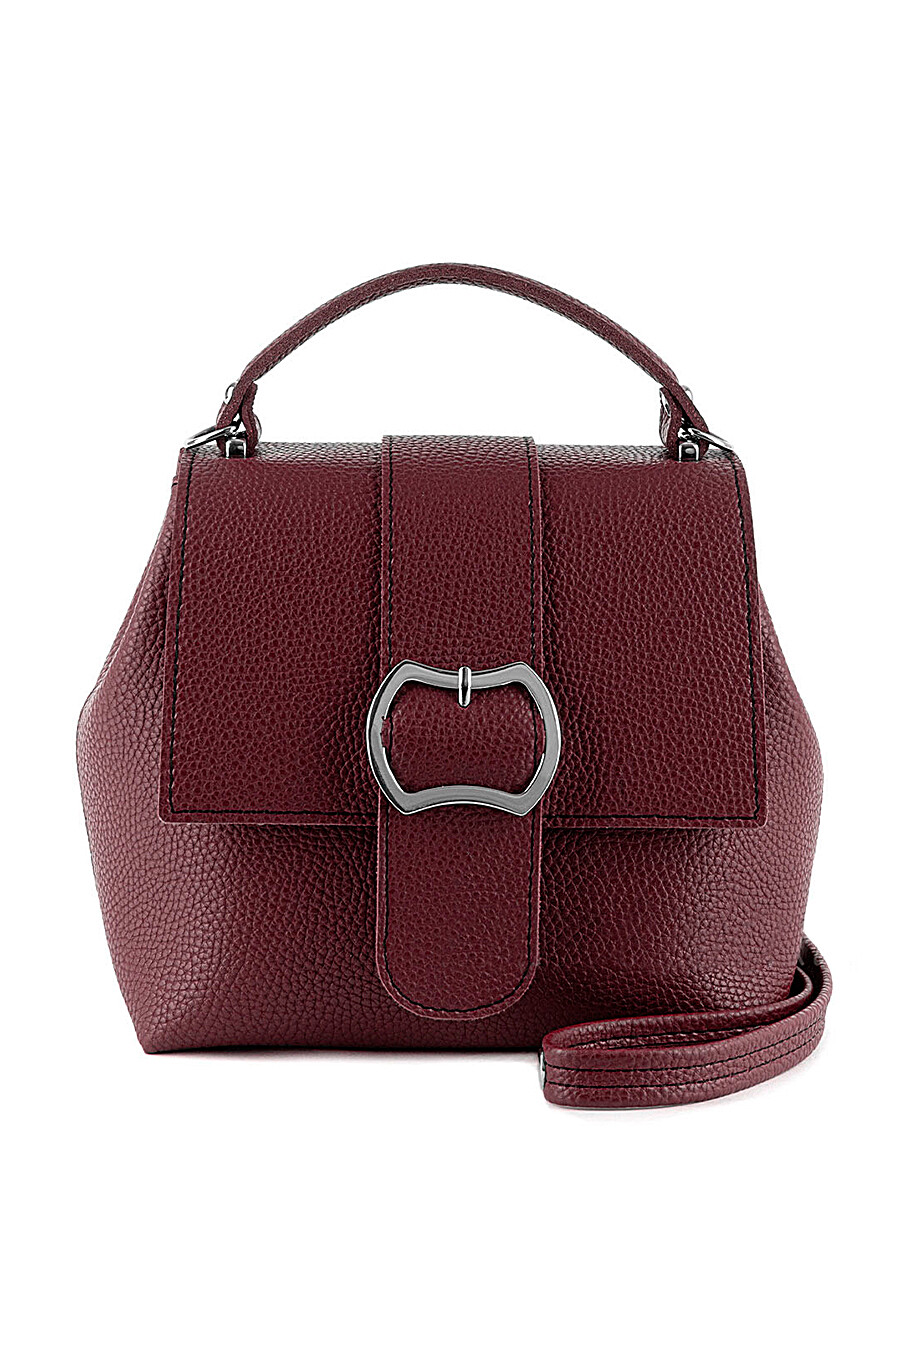 Сумка-рюкзак для женщин L-CRAFT 668326 купить оптом от производителя. Совместная покупка женской одежды в OptMoyo